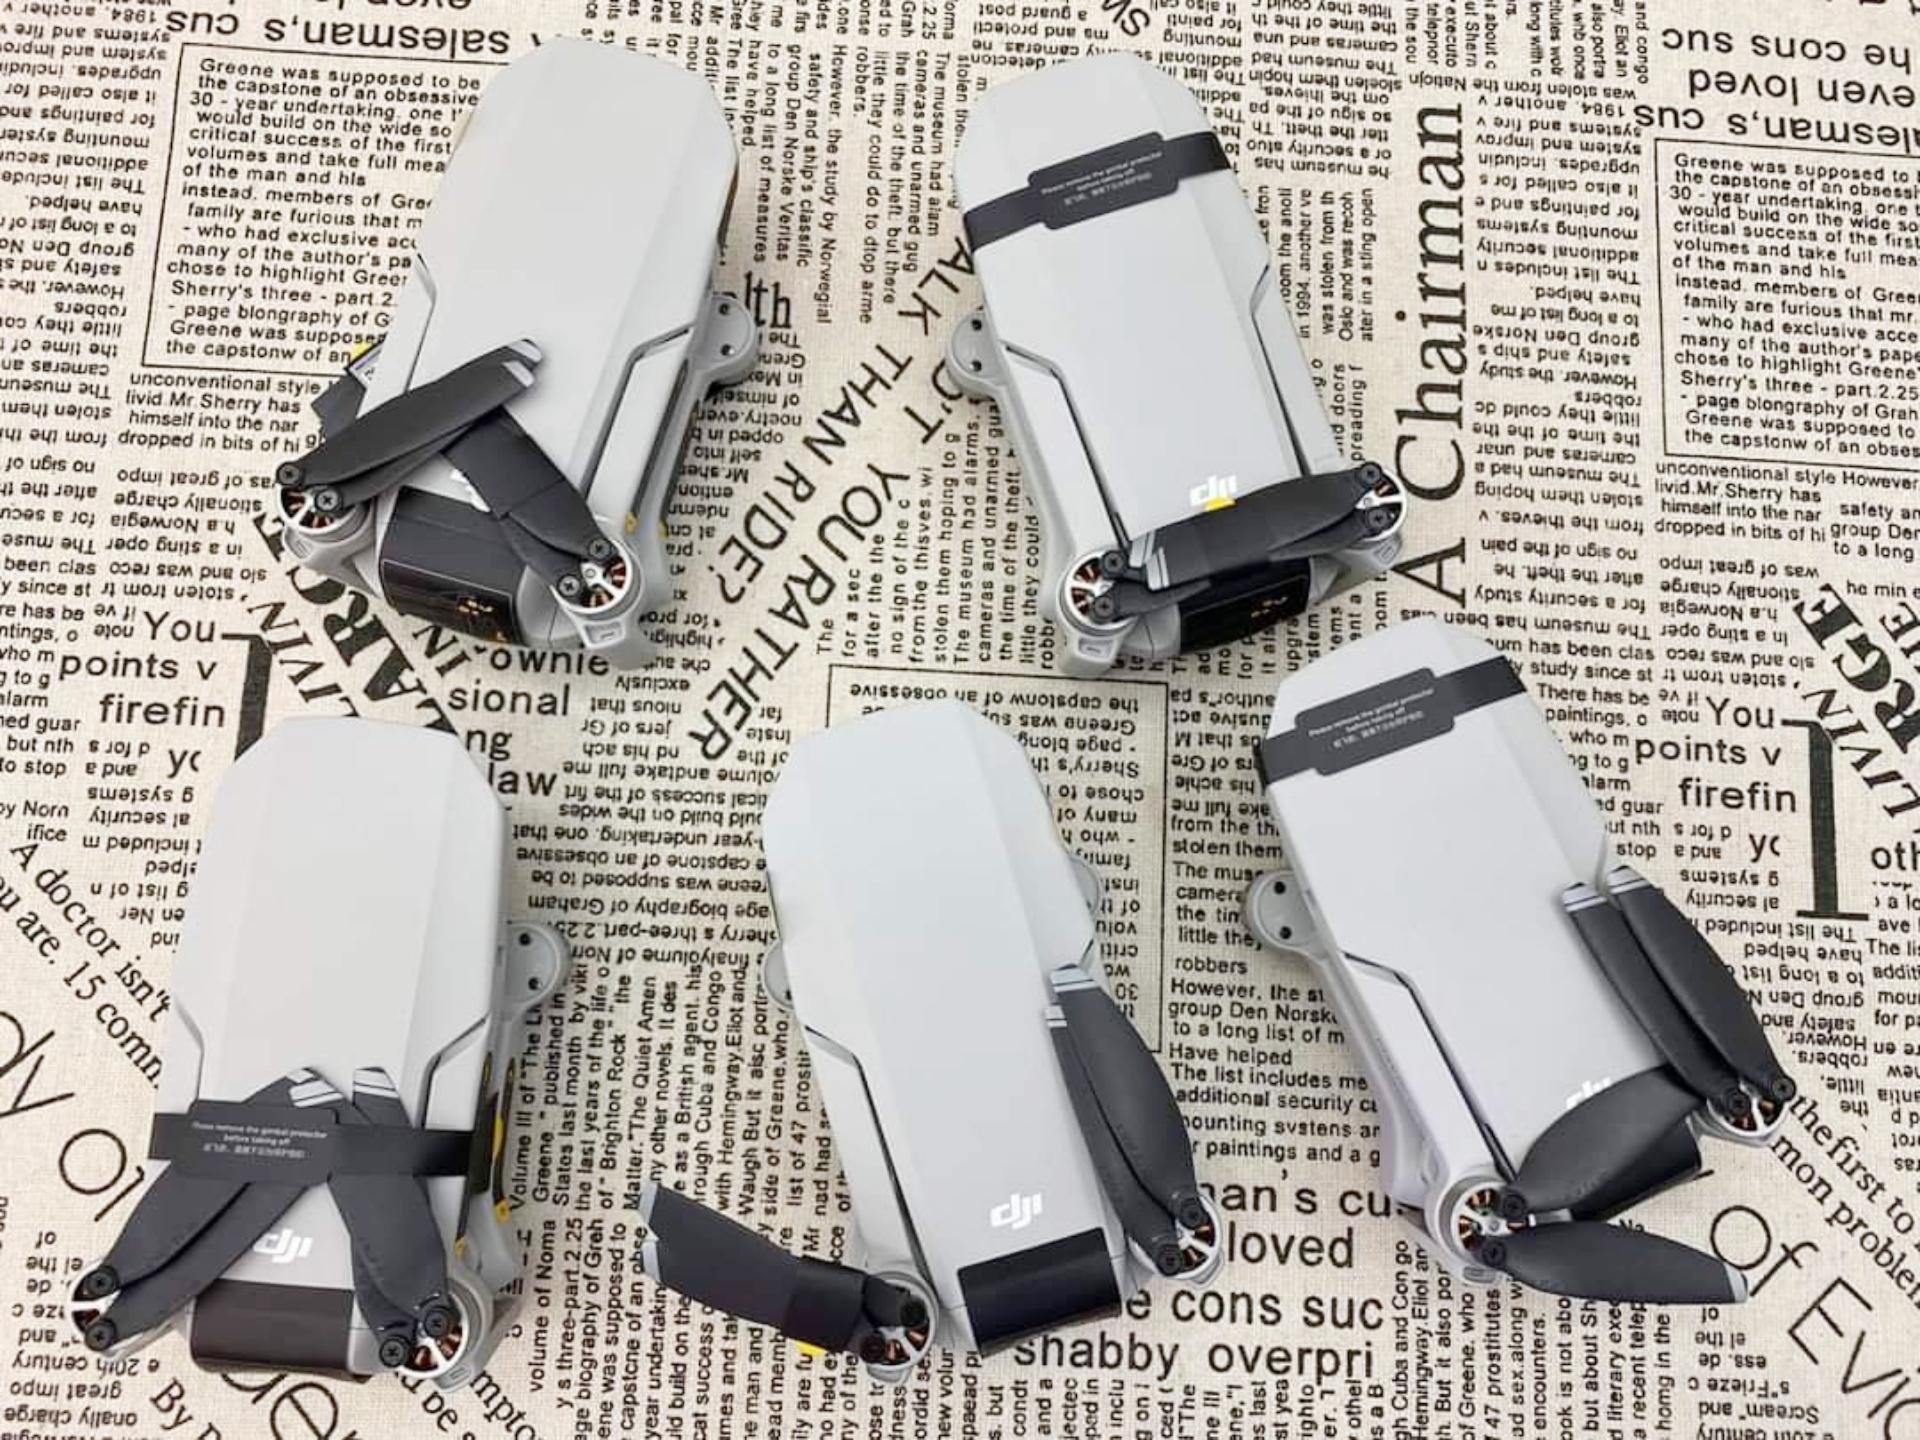 5 LƯU Ý KHI BAY DRONE TRONG NHÀ 2